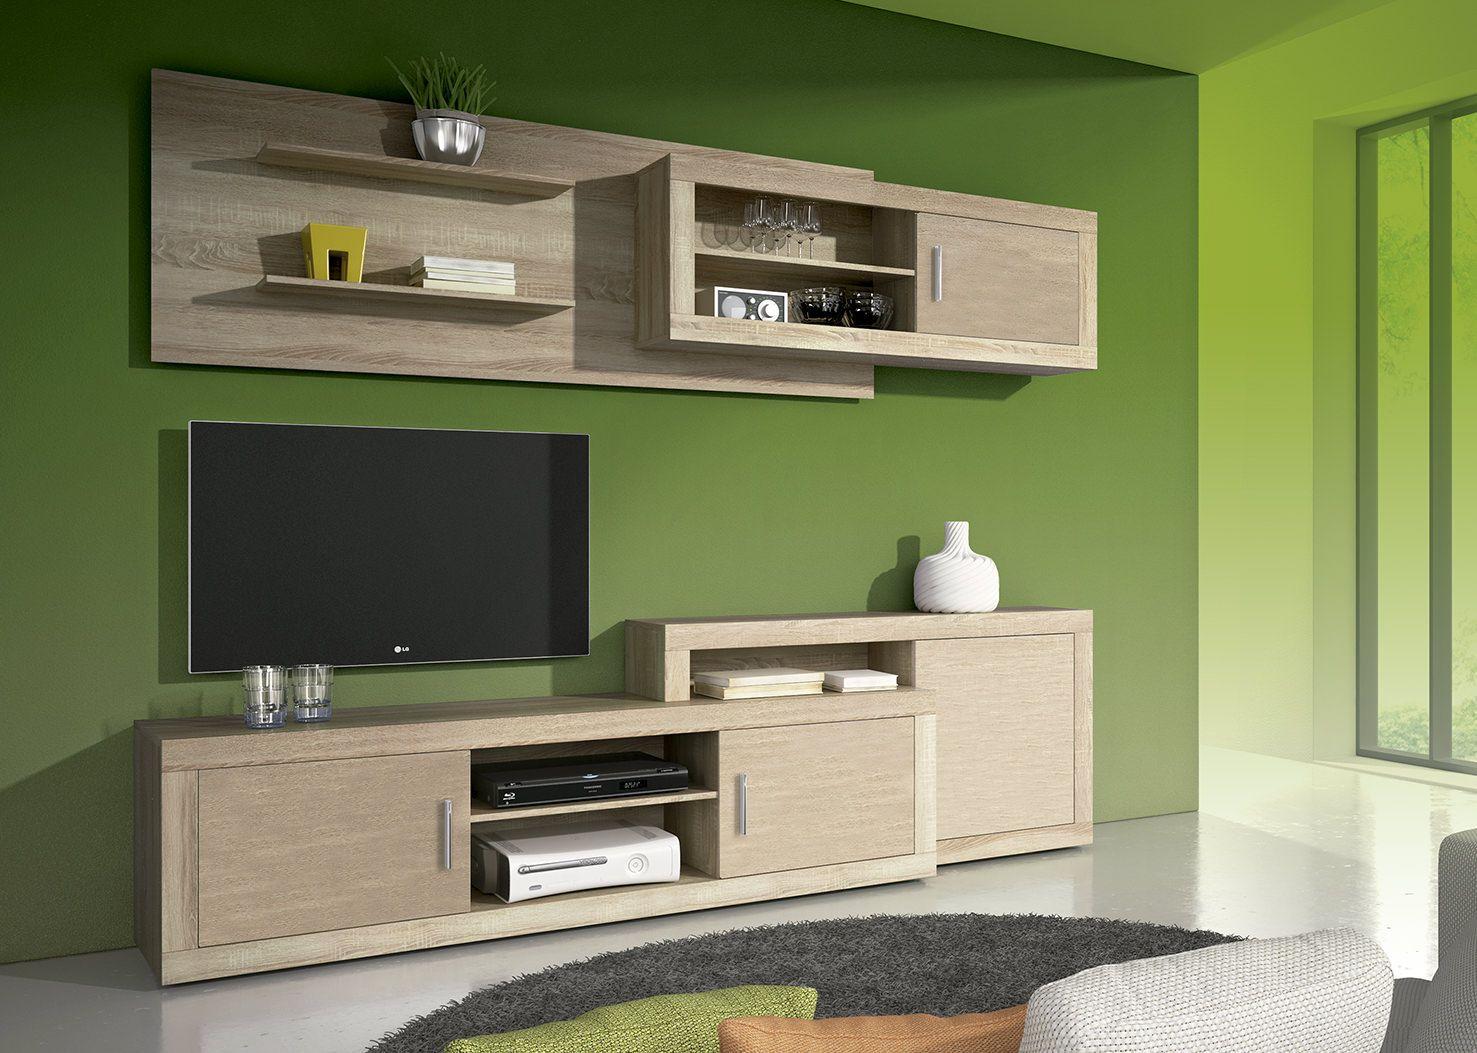 Muebles de yeso en la sala de estar modernos y lujosos - Muebles de sala ...